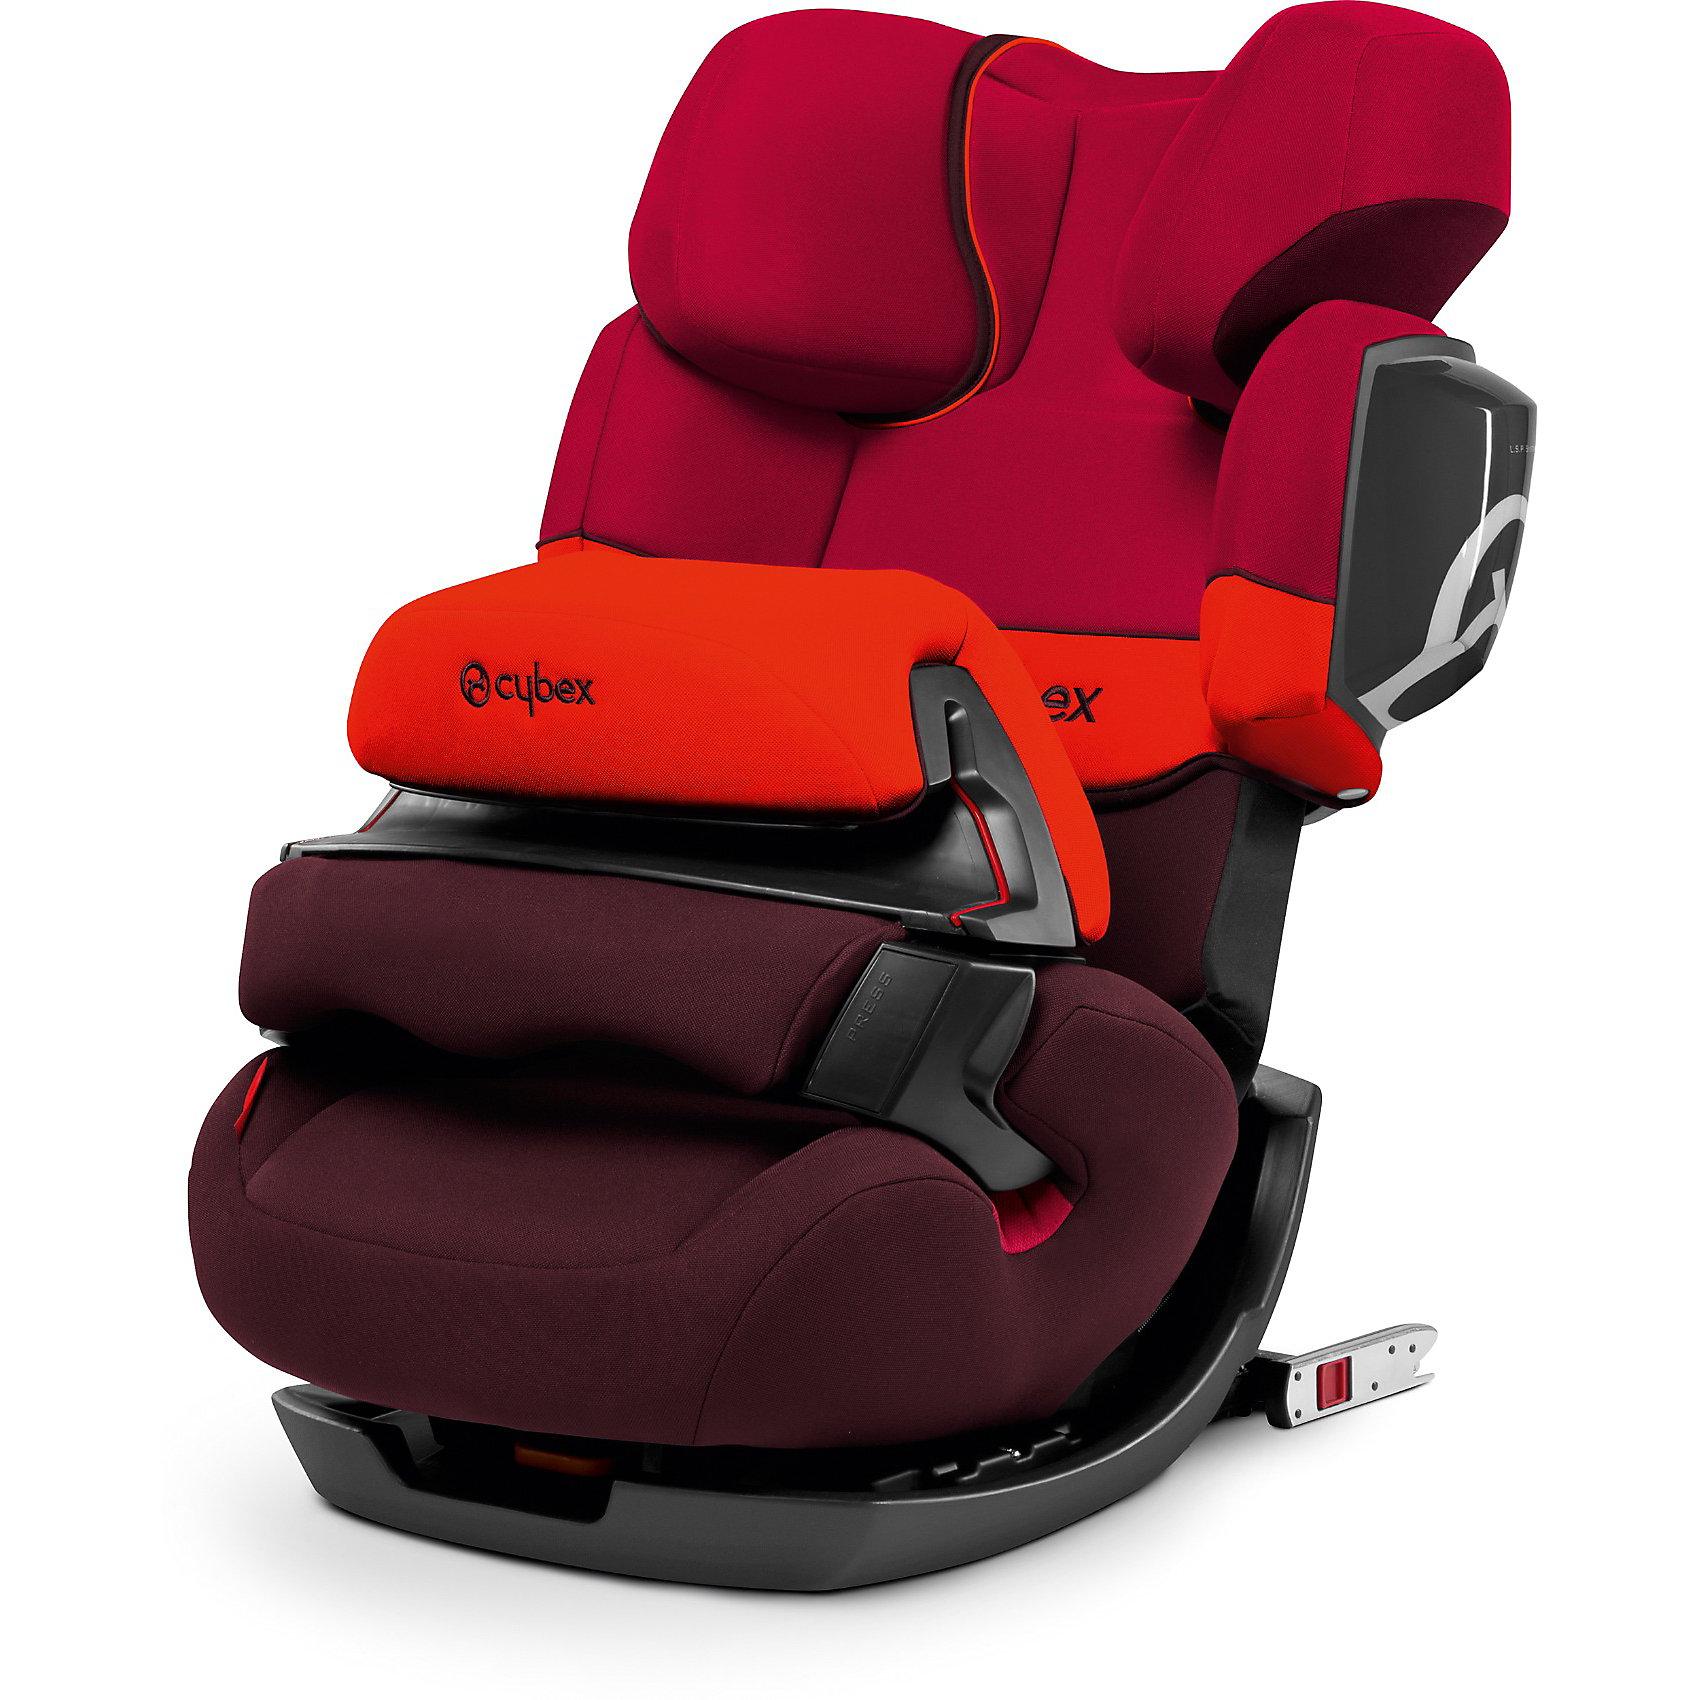 Автокресло Cybex Pallas 2-Fix, 9-36 кг, Rumba RedАвтокресла с креплением Isofix<br>Удобное надежное автокресло позволит перевозить ребенка, не беспокоясь при этом о его безопасности. Оно предназначено для предназначено для детей весом до 36 килограмм, можно использовать уже для 9-месячных малышей. Такое кресло обеспечит малышу не только безопасность, но и комфорт (регулируемая высота подголовника). Вместо пятиточечных ремней ребенок фиксируется при помощи защитного столика, не ограничивая ему свободы движений. Кресло легко трансформируется по мере вырастания ребенка.<br>Автокресло устанавливают по ходу движения. Такое кресло дает возможность свободно путешествовать, ездить в гости и при этом  быть рядом с малышом. Конструкция - очень удобная и прочная. Изделие произведено из качественных и безопасных для малышей материалов, оно соответствуют всем современным требованиям безопасности. Оно отлично показало себя на краш-тестах.<br> <br>Дополнительная информация:<br><br>цвет: красный;<br>материал: текстиль, пластик;<br>вес ребенка: до 36 кг (9 месяцев - 12 лет);<br>регулируемая подушка безопасности;<br>регулируемый по высоте подголовник;<br>съемный чехол;<br>по мере взросления ребенка трансформируется в бустер; <br>регулировка положения автокресла одной рукой;<br>регулируемый угол наклона;<br>можно использовать со штатными ремнями или с дополнительной базой;<br>крепление по ходу движения;<br>система защиты от боковых ударов;<br>соответствие Европейскому стандарту безопасности ЕСЕ R44/04.<br><br>АвтокреслоJuno Pallas 2-Fix, Rumba Red, от компании Cybex можно купить в нашем магазине.<br><br>Ширина мм: 740<br>Глубина мм: 475<br>Высота мм: 455<br>Вес г: 1290<br>Цвет: красный<br>Возраст от месяцев: 9<br>Возраст до месяцев: 144<br>Пол: Унисекс<br>Возраст: Детский<br>SKU: 3722563